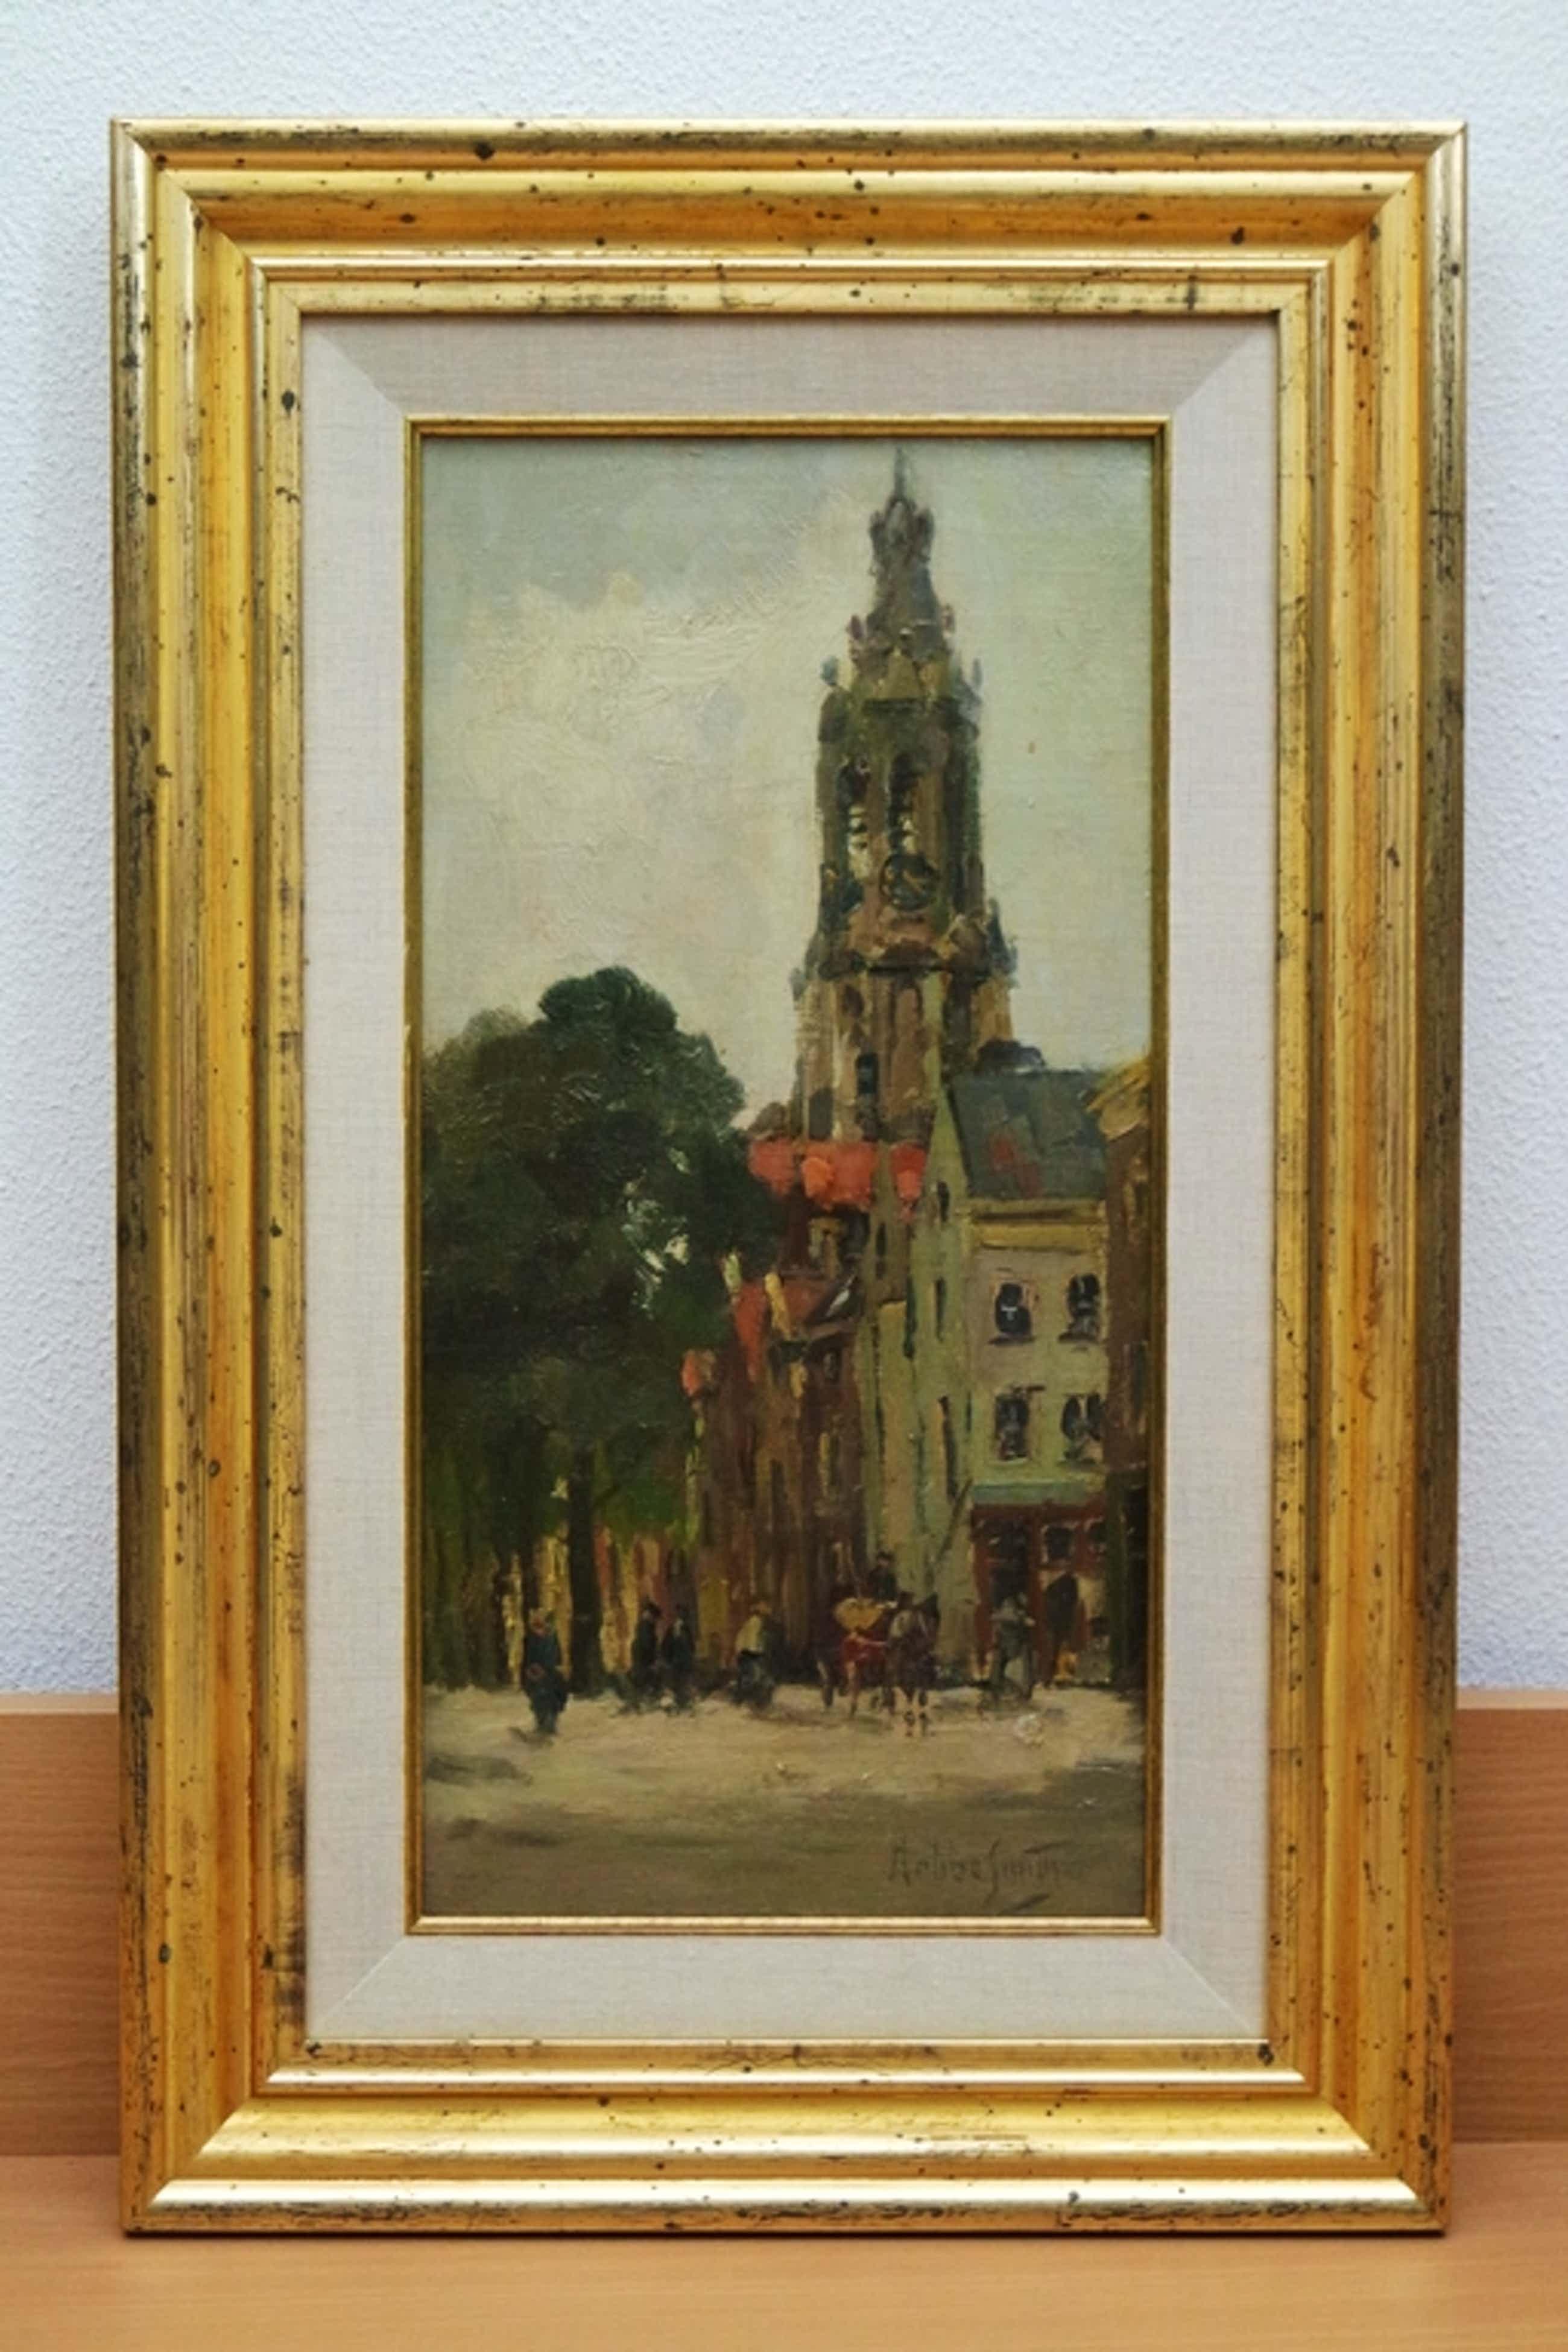 Hobbe SMITH: (1862-1942) - maroufle - Hollands stadsgezicht kopen? Bied vanaf 585!